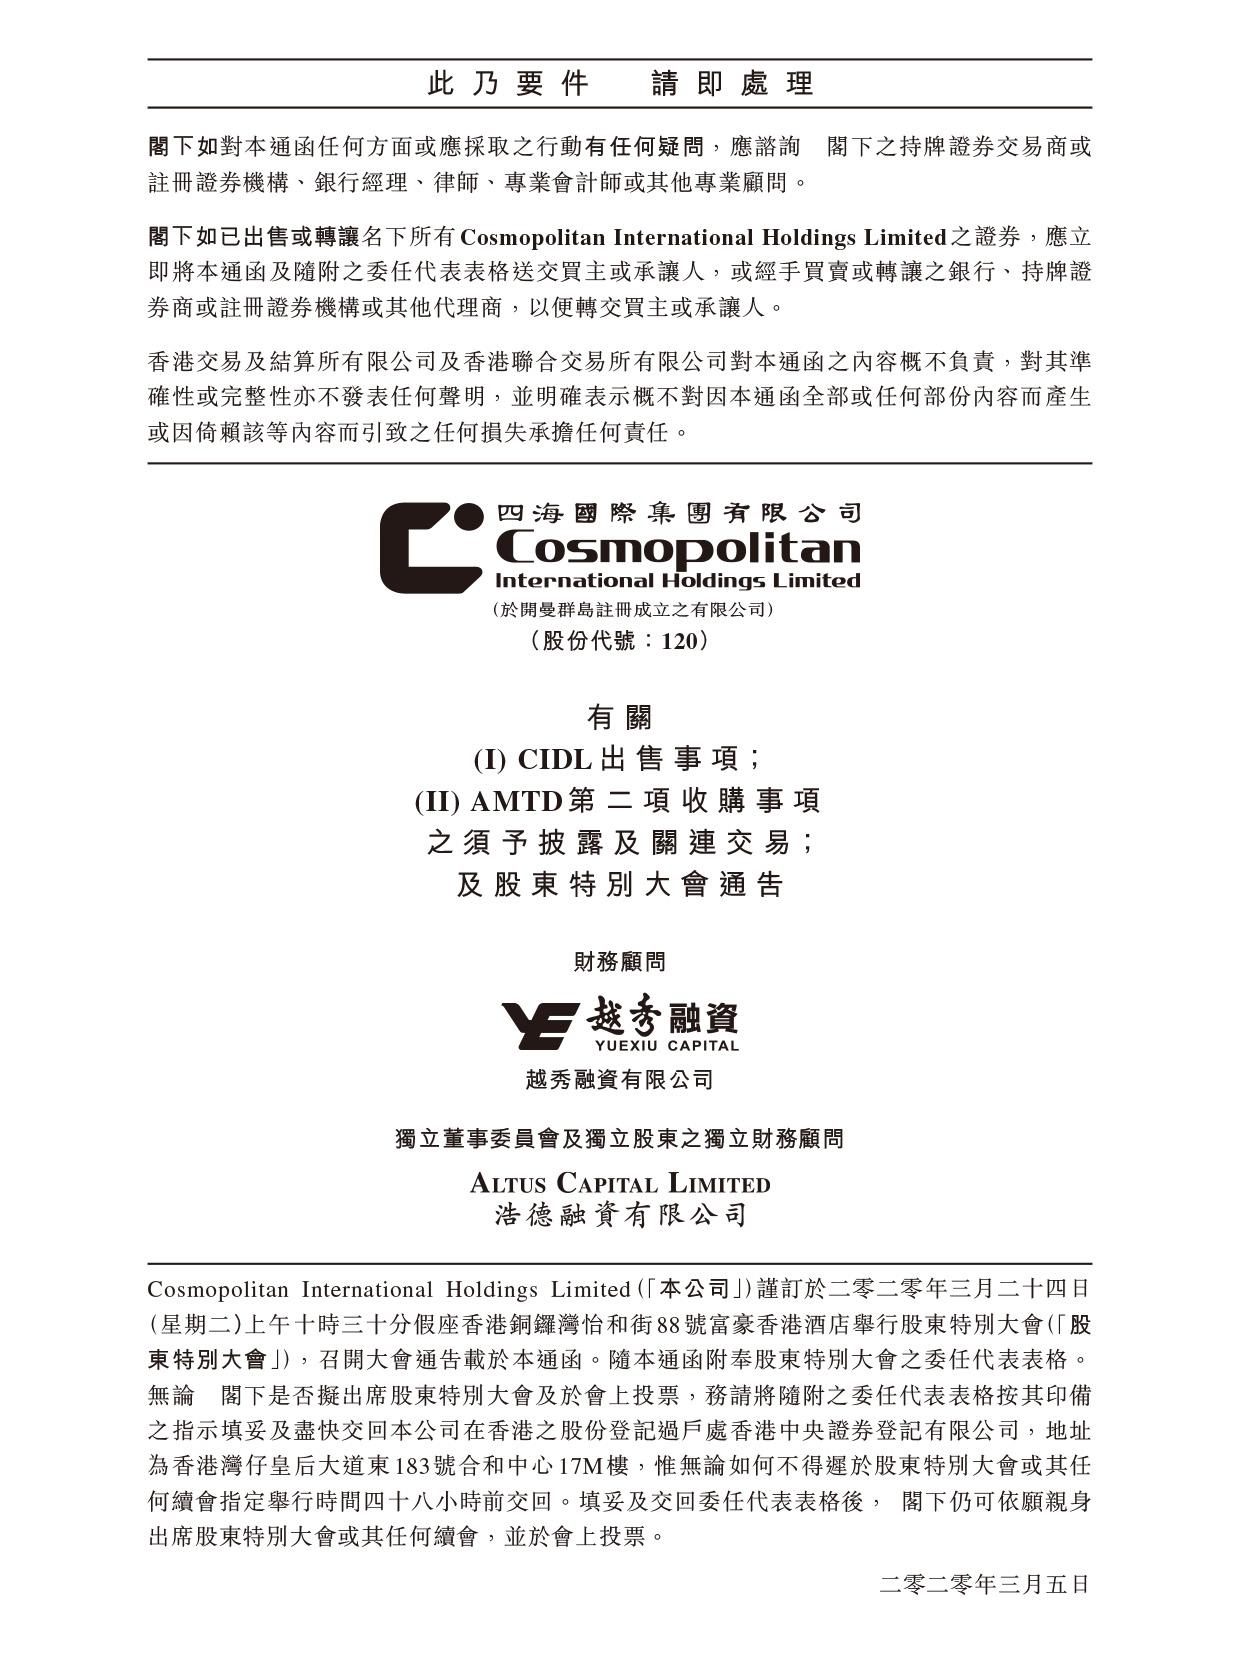 四海国际集团有限公司